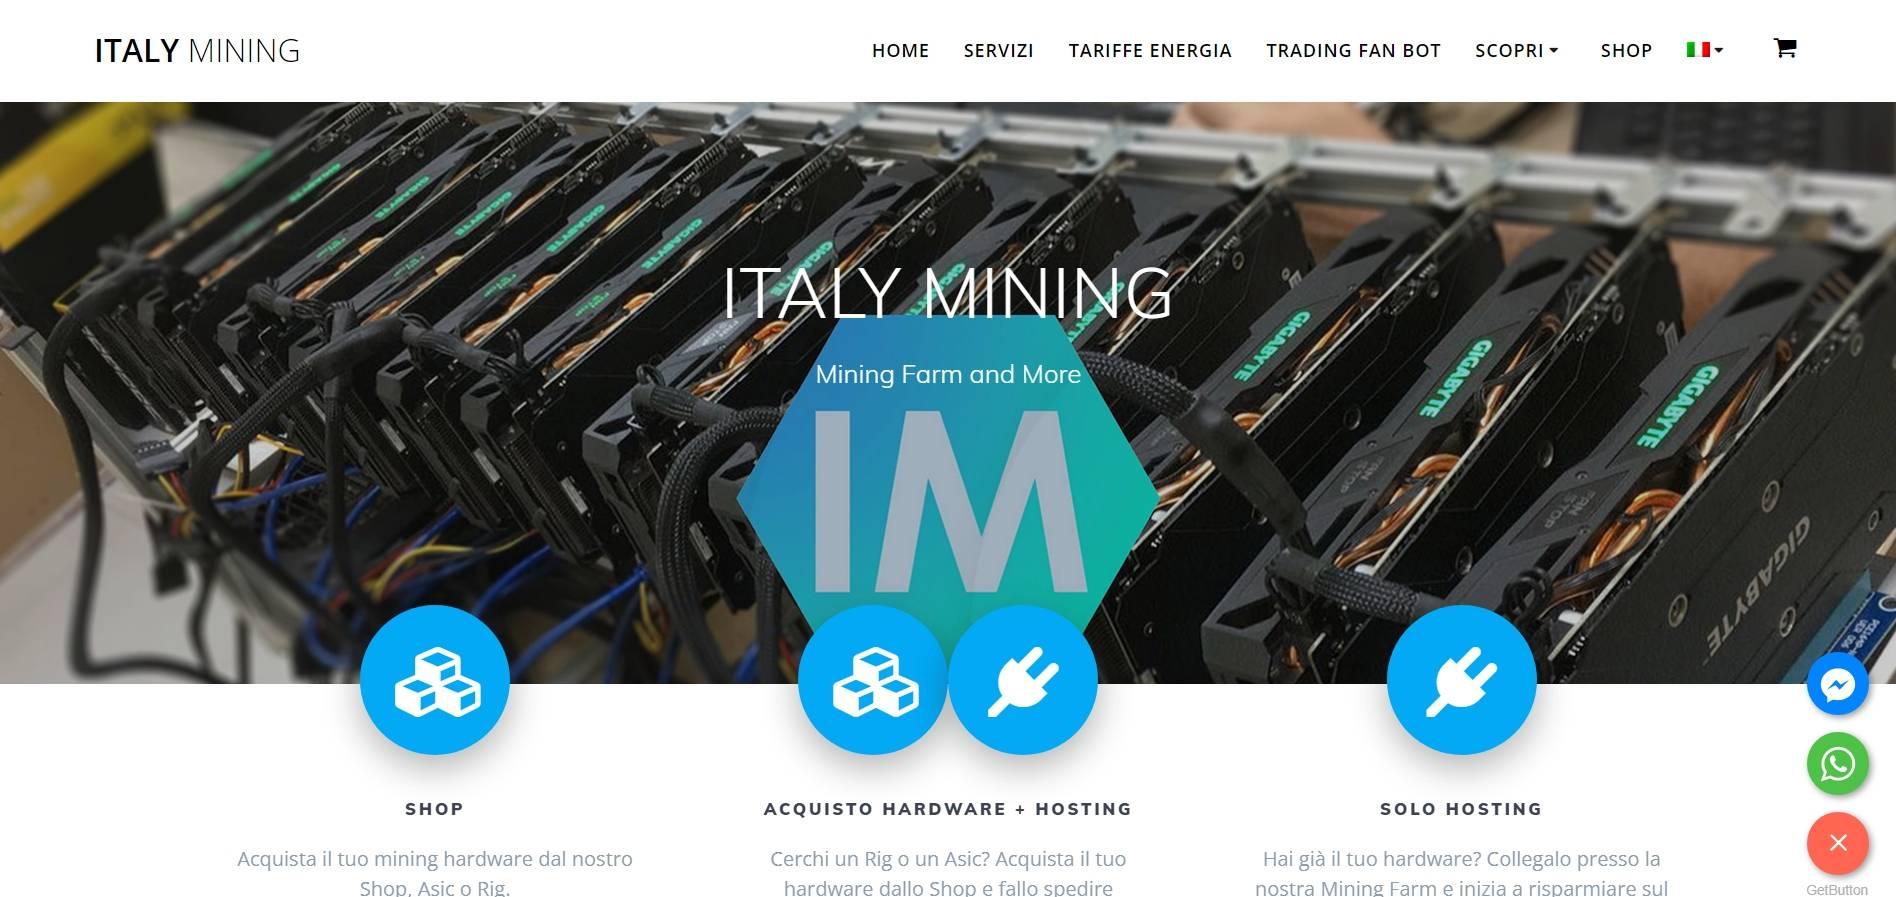 Italy Mining